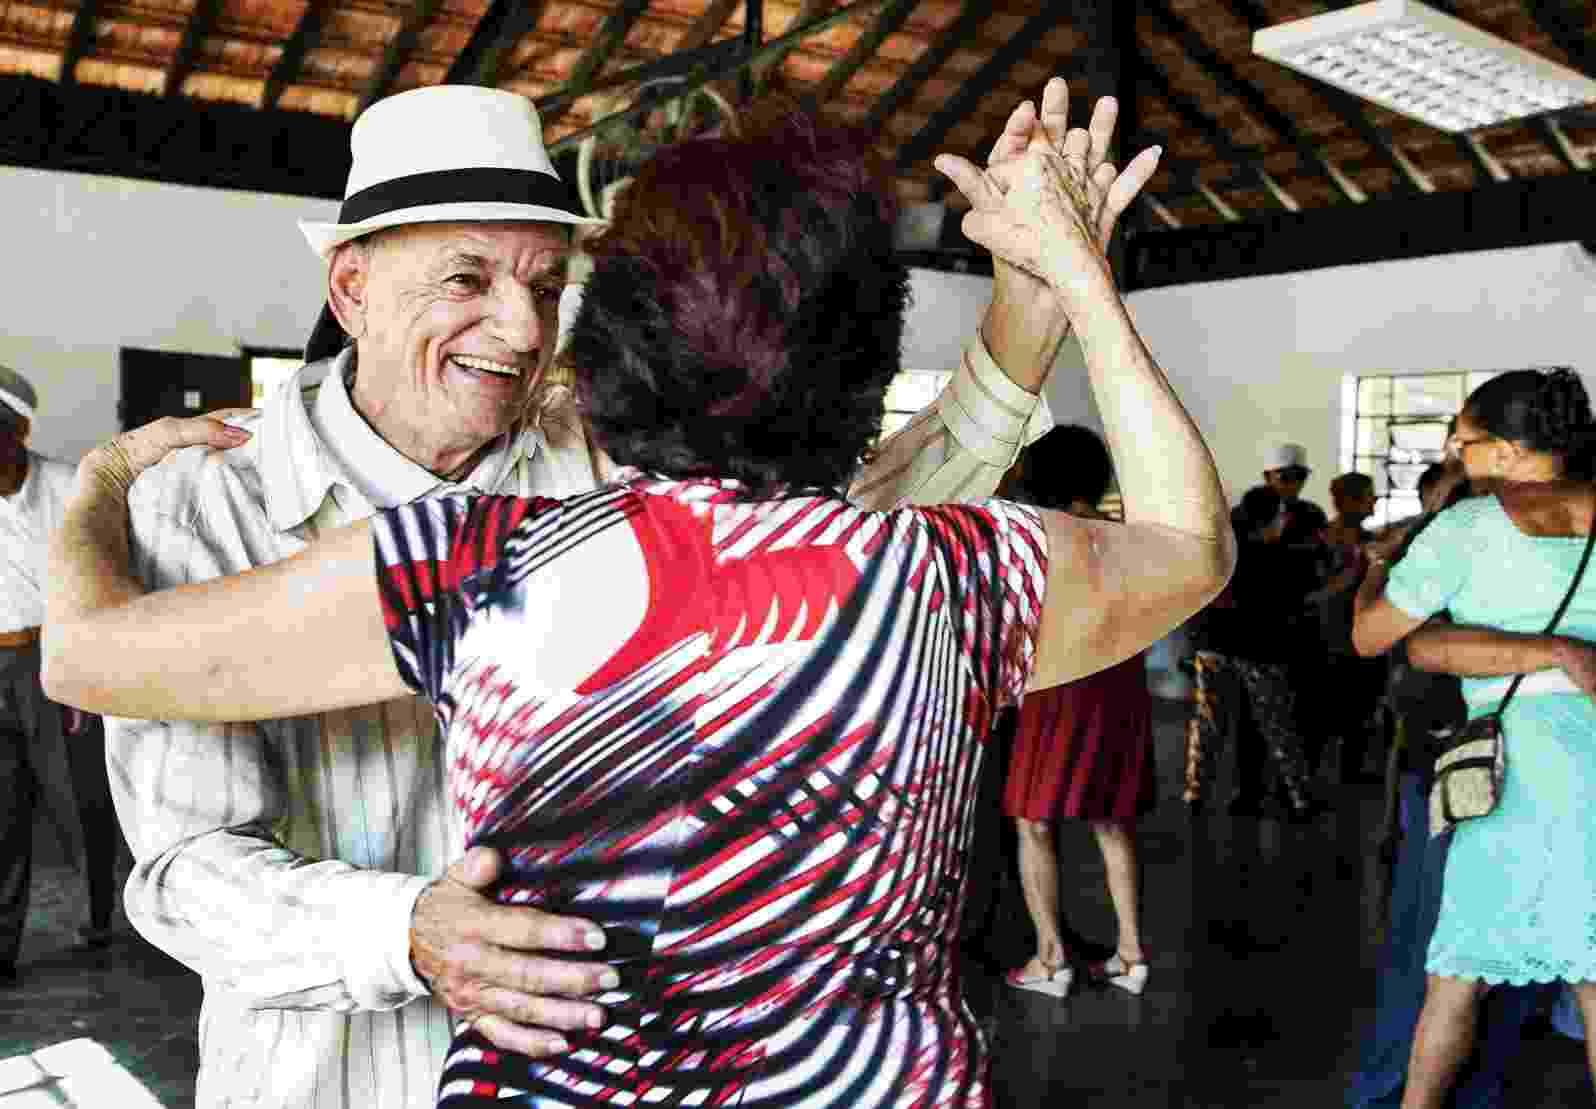 Idosos se divertem três vezes por semana em baile no Parque da Água Branca, em São Paulo - Mariana Pekin/UOL